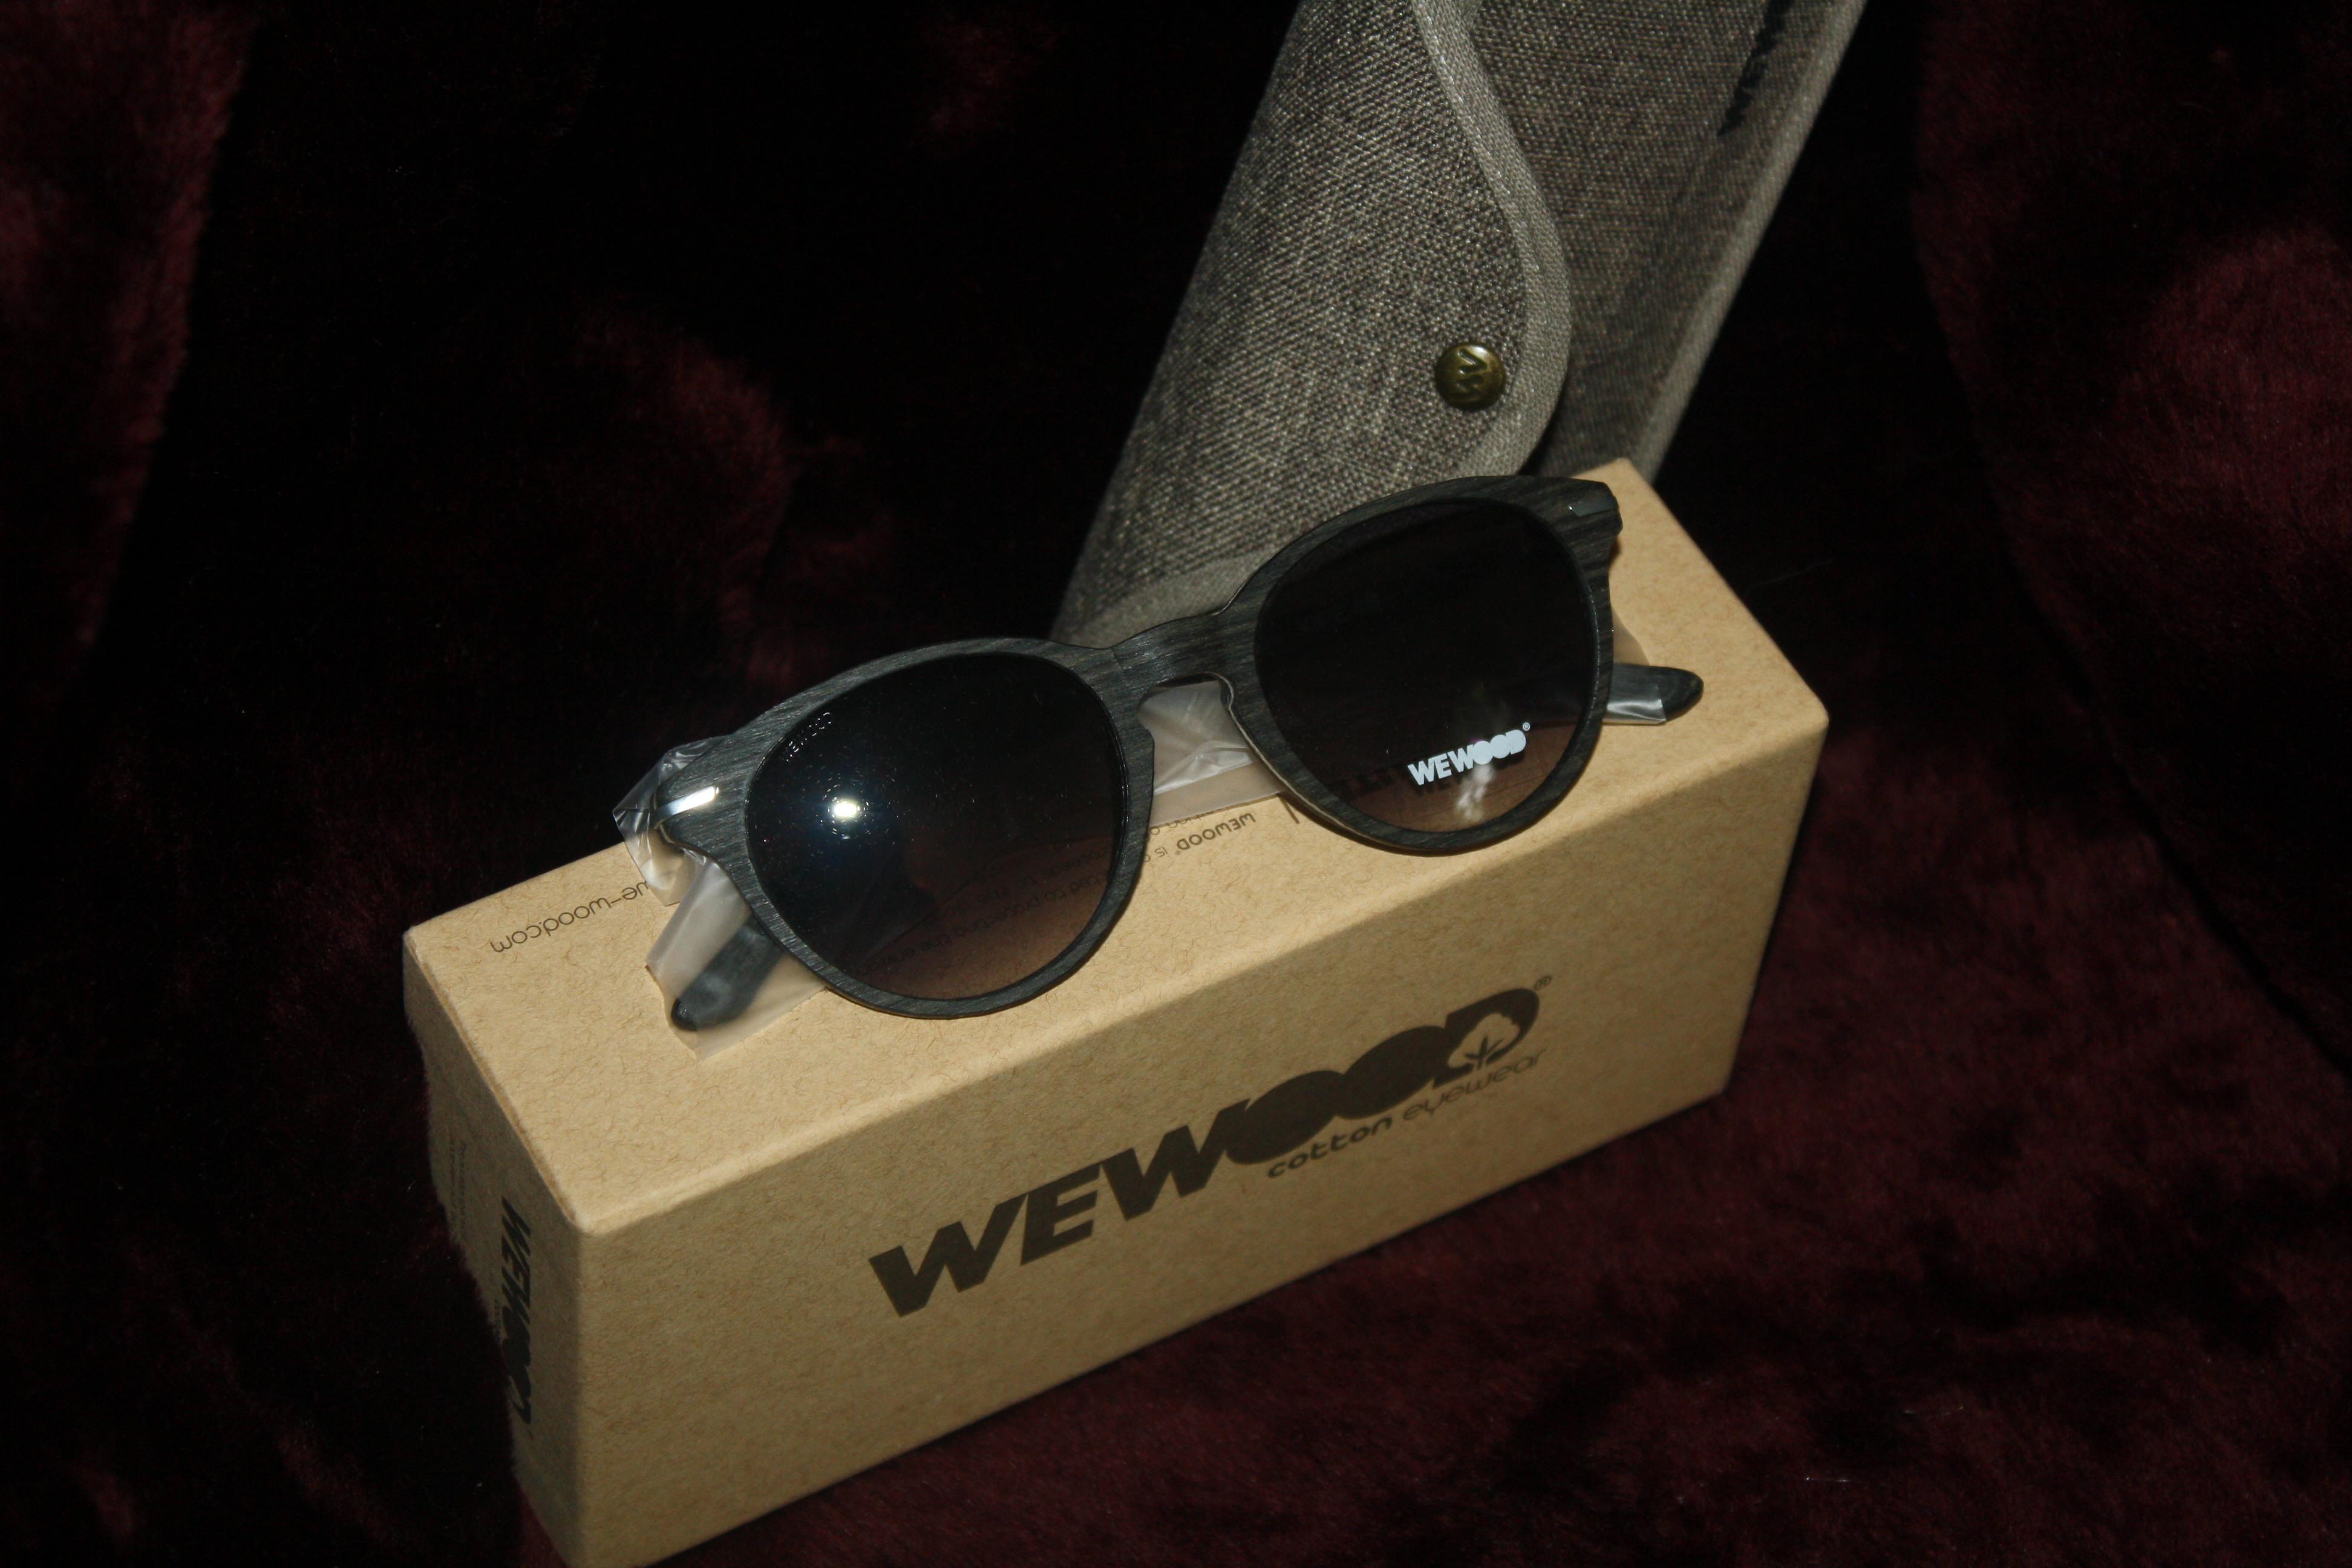 61. Wewood sunglasses